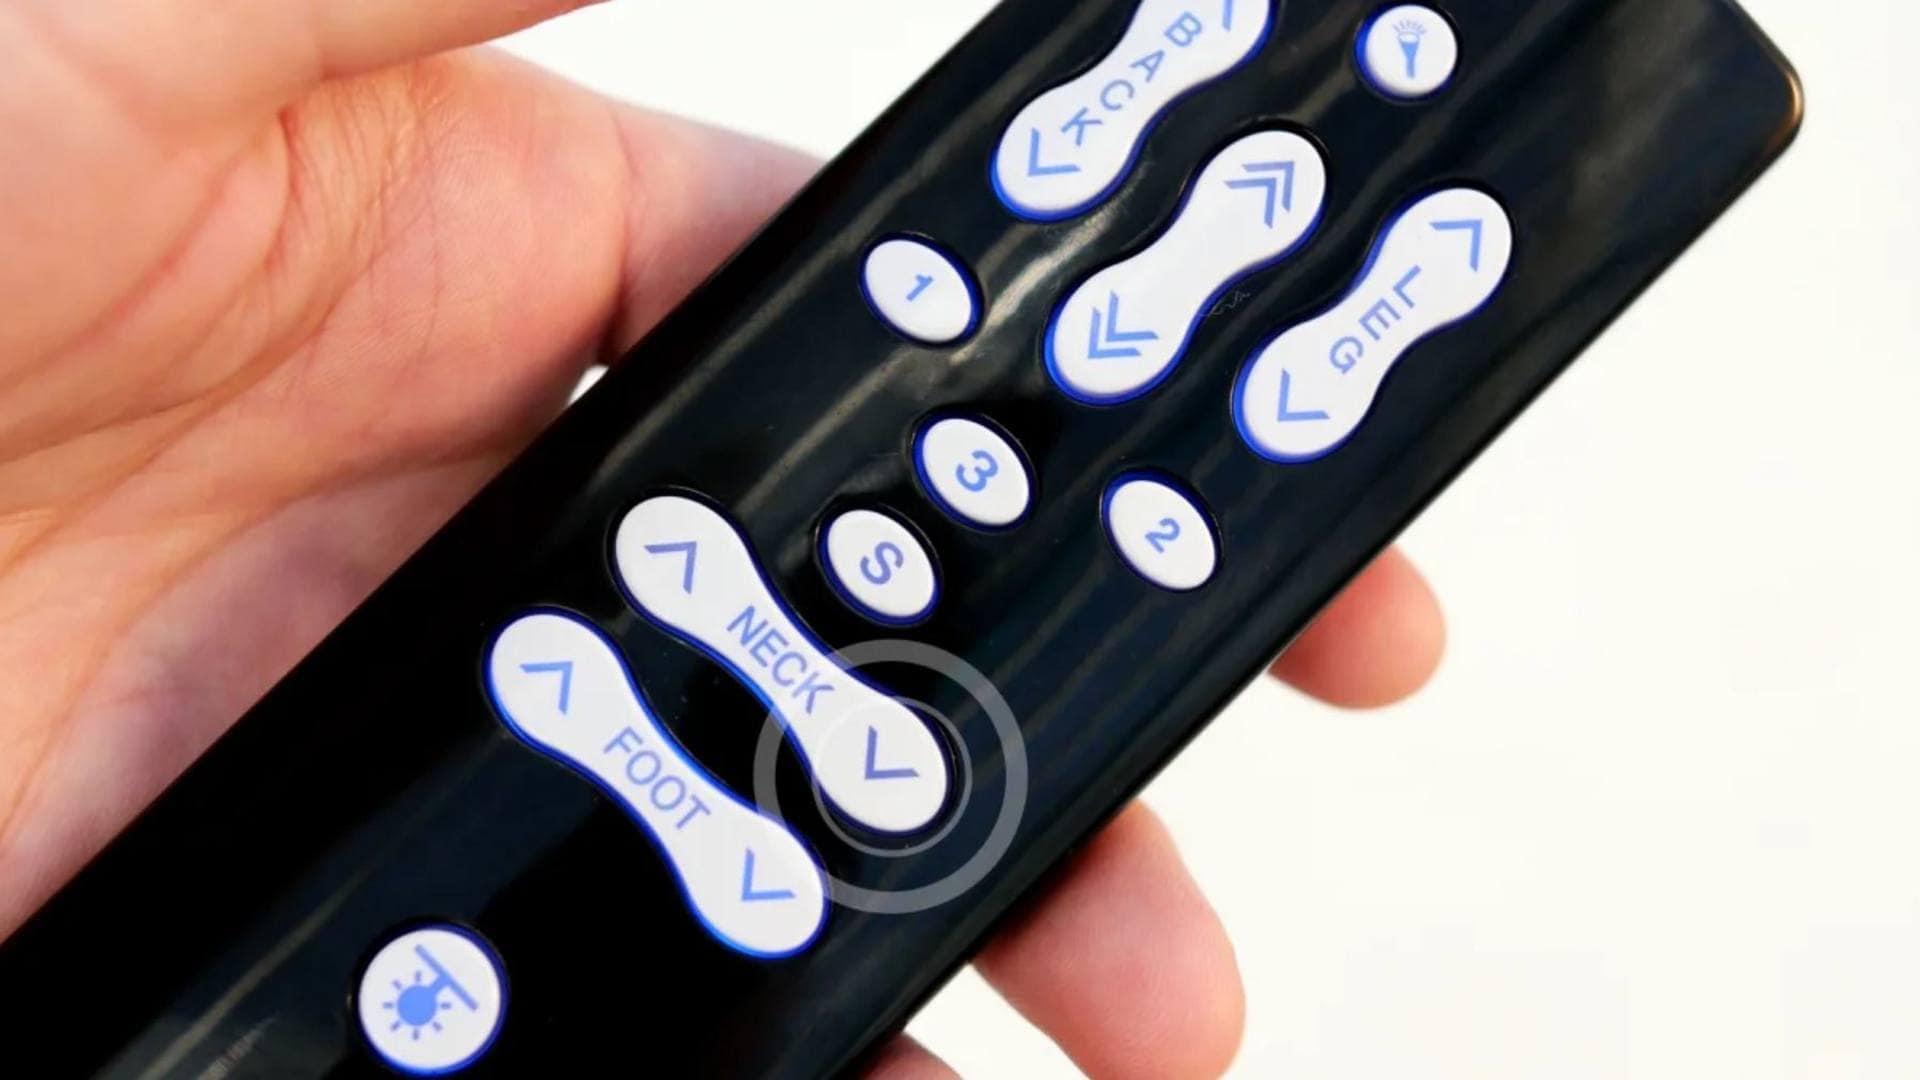 Inizializzare un sistema LINAK® con attuatori singoli per reti ergonomiche